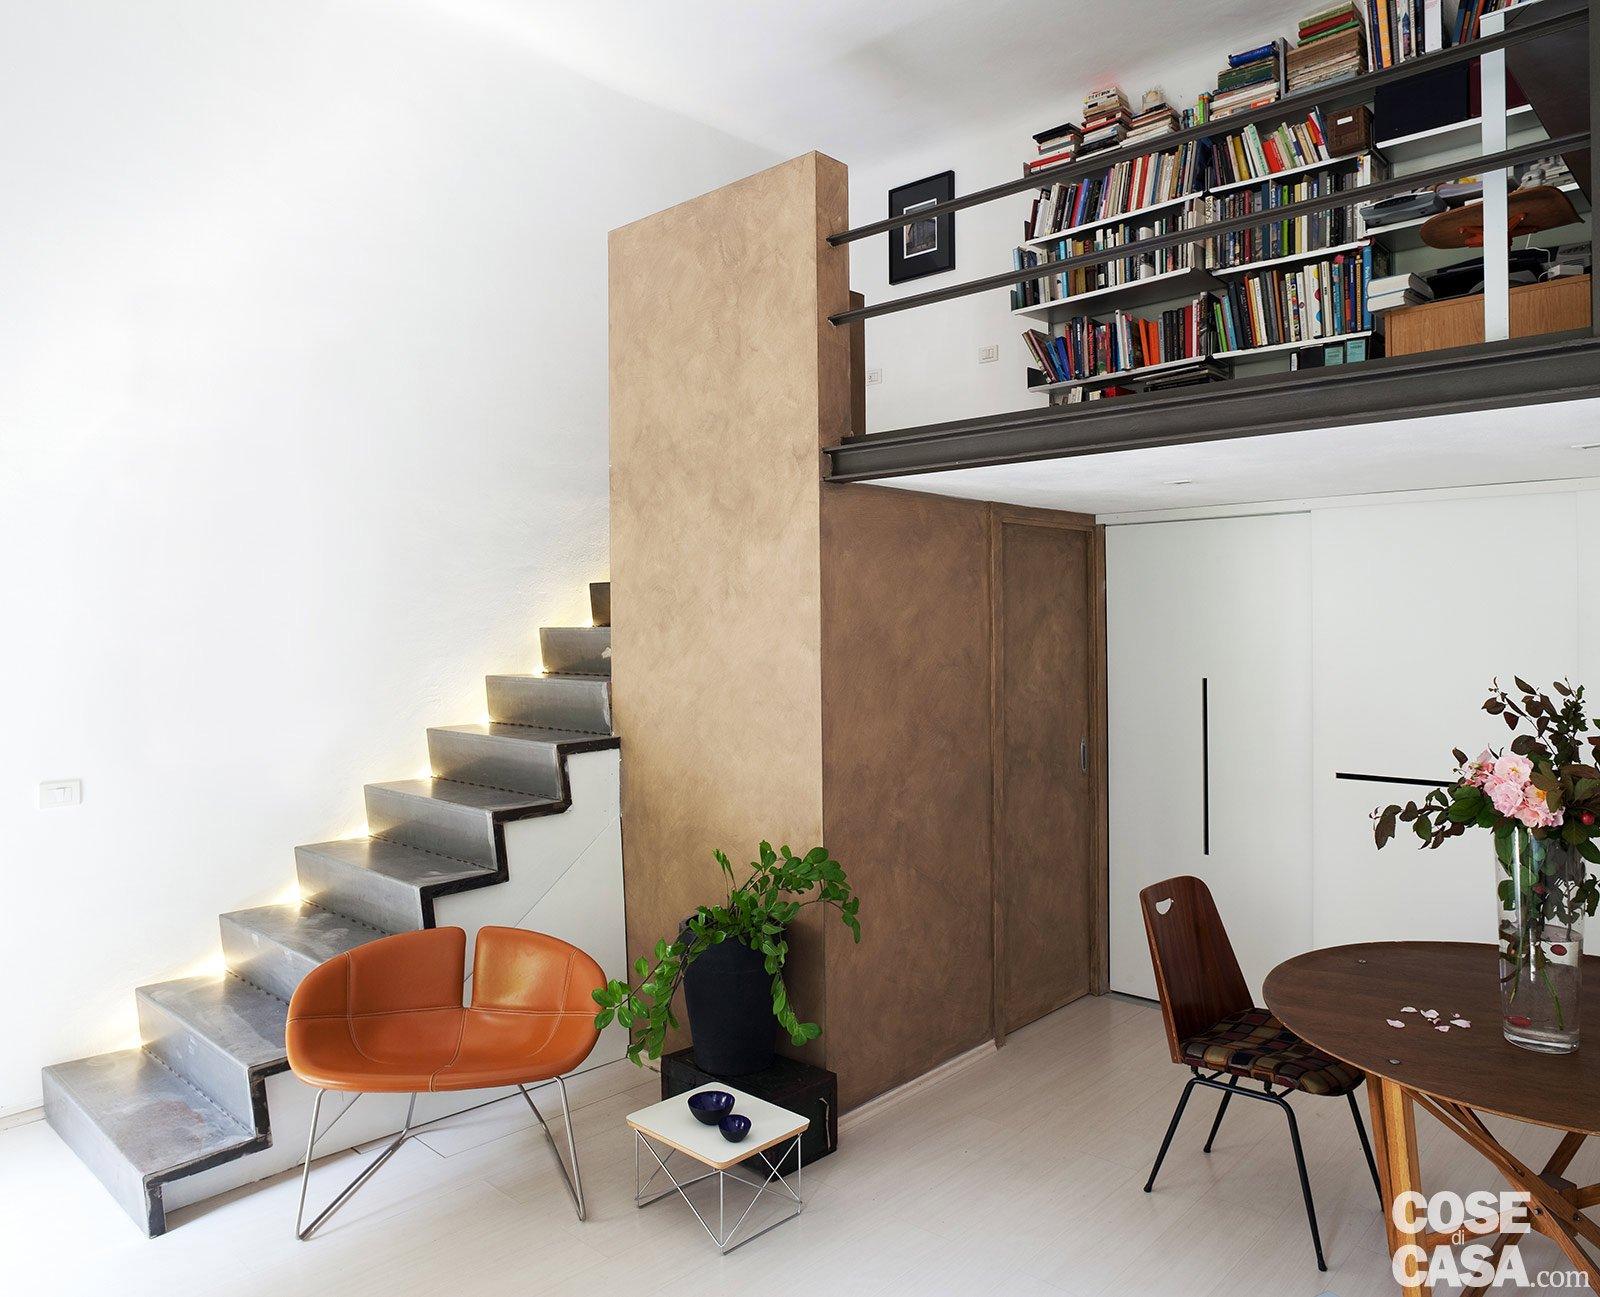 Monolocale una casa di 30 mq risolta al centimetro cose for Case ristrutturate da architetti foto